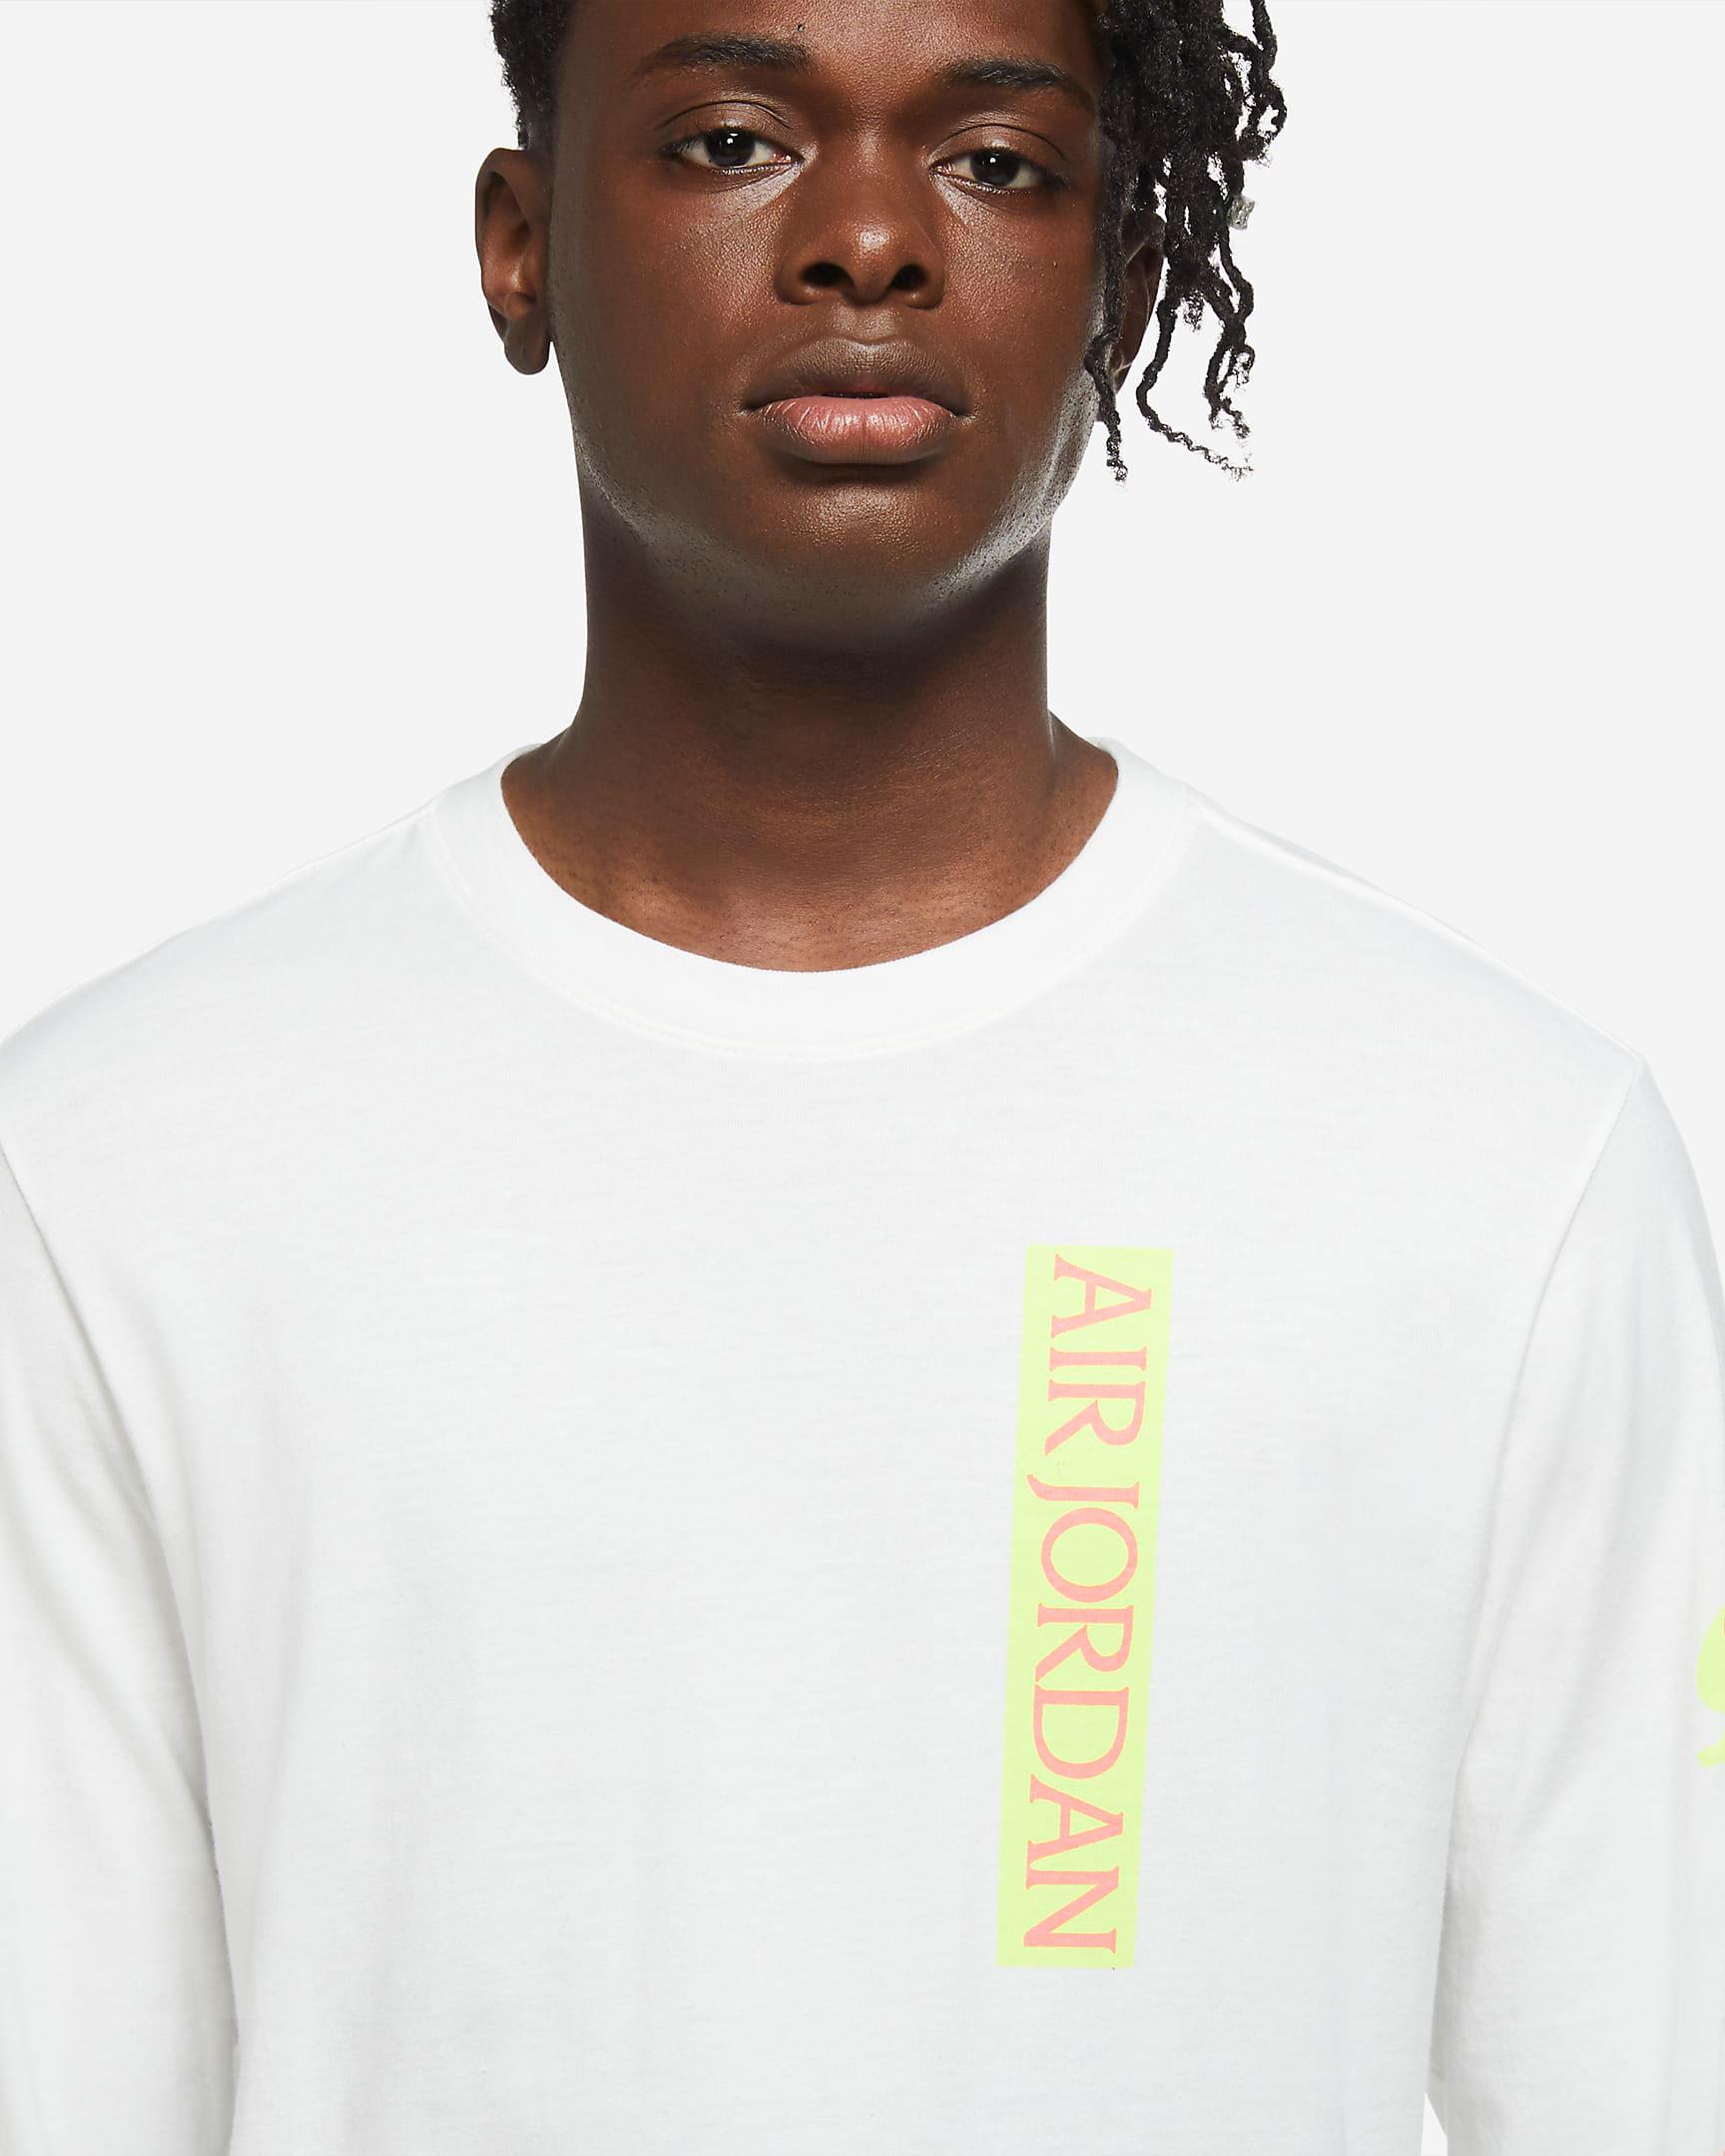 jordan-1-high-volt-gold-long-sleeve-shirt-2